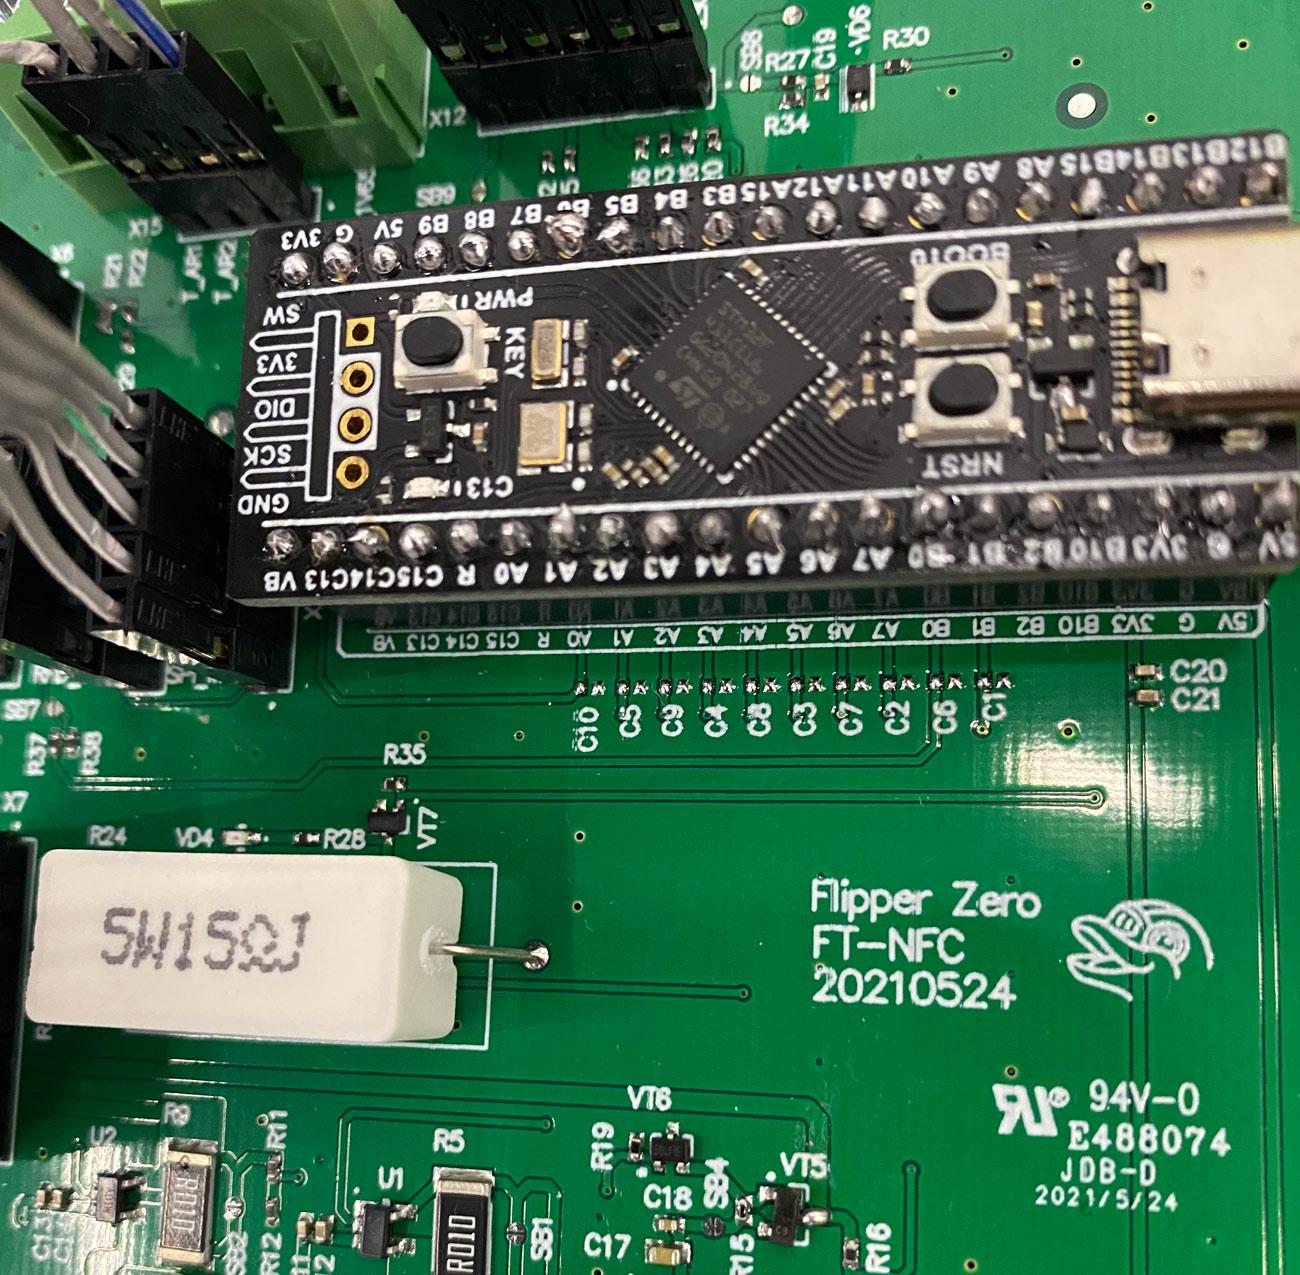 Как выглядит тестирование электроники Flipper Zero - 17